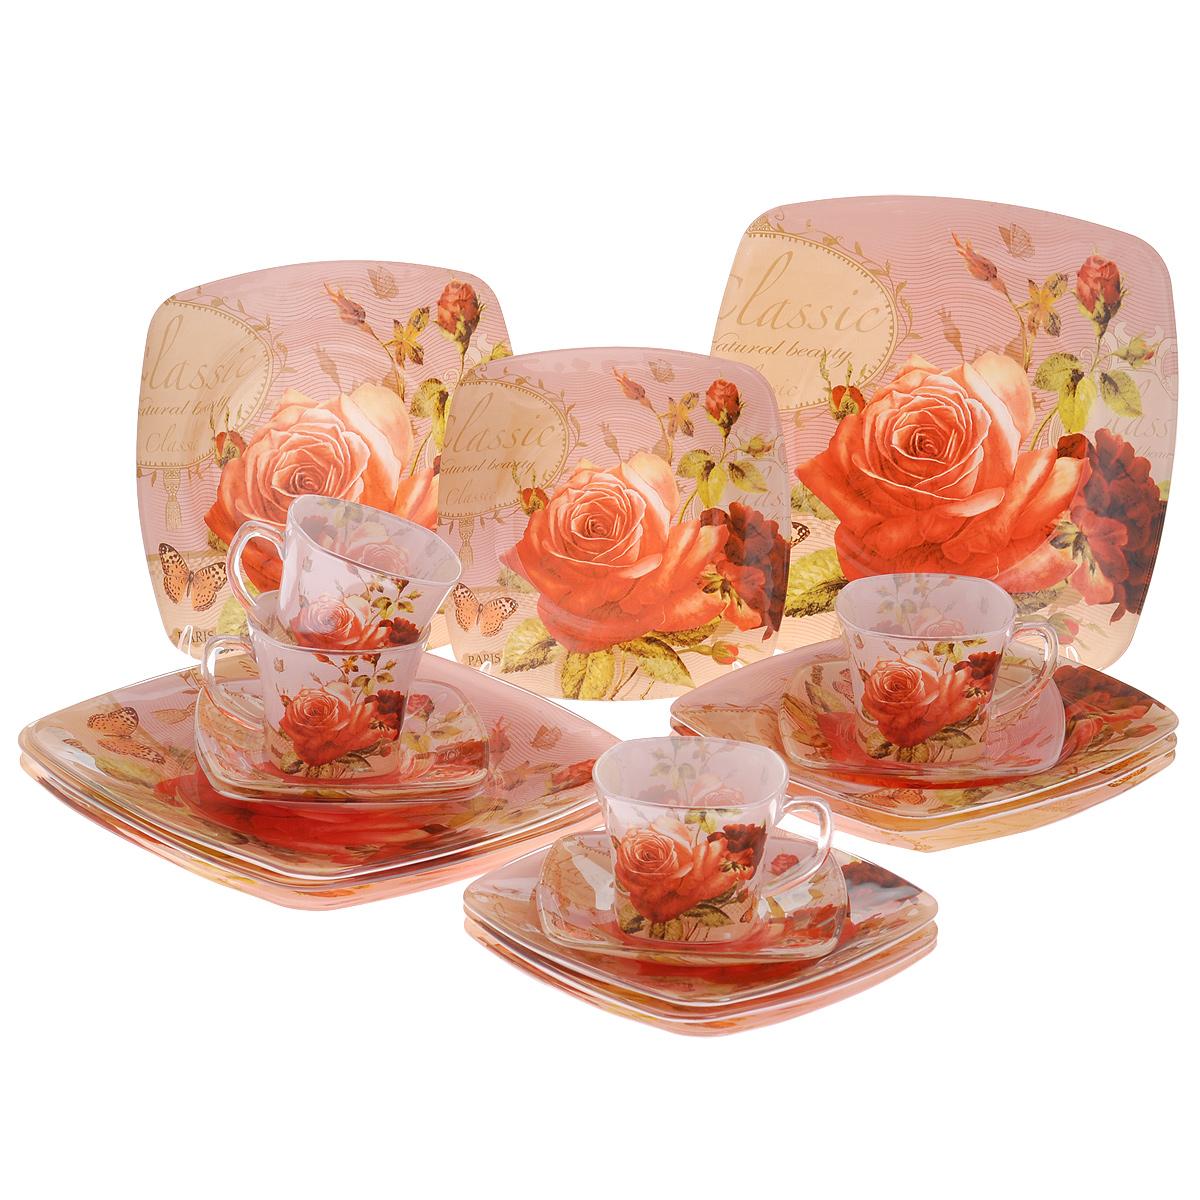 Набор посуды Чайная роза, 20 предметов115510Набор посуды состоит из 4 чашек, 4 блюдец, 4 тарелок для супа, 4 обеденных тарелок, 4 десертных тарелок. Изделия выполнены из высококачественного стекла и оформлены изображением розы. Этот набор эффектно украсит стол к обеду, а также прекрасно подойдет для торжественных случаев. Красочность оформления придется по вкусу и ценителям классики, и тем, кто предпочитает утонченность и изящность.